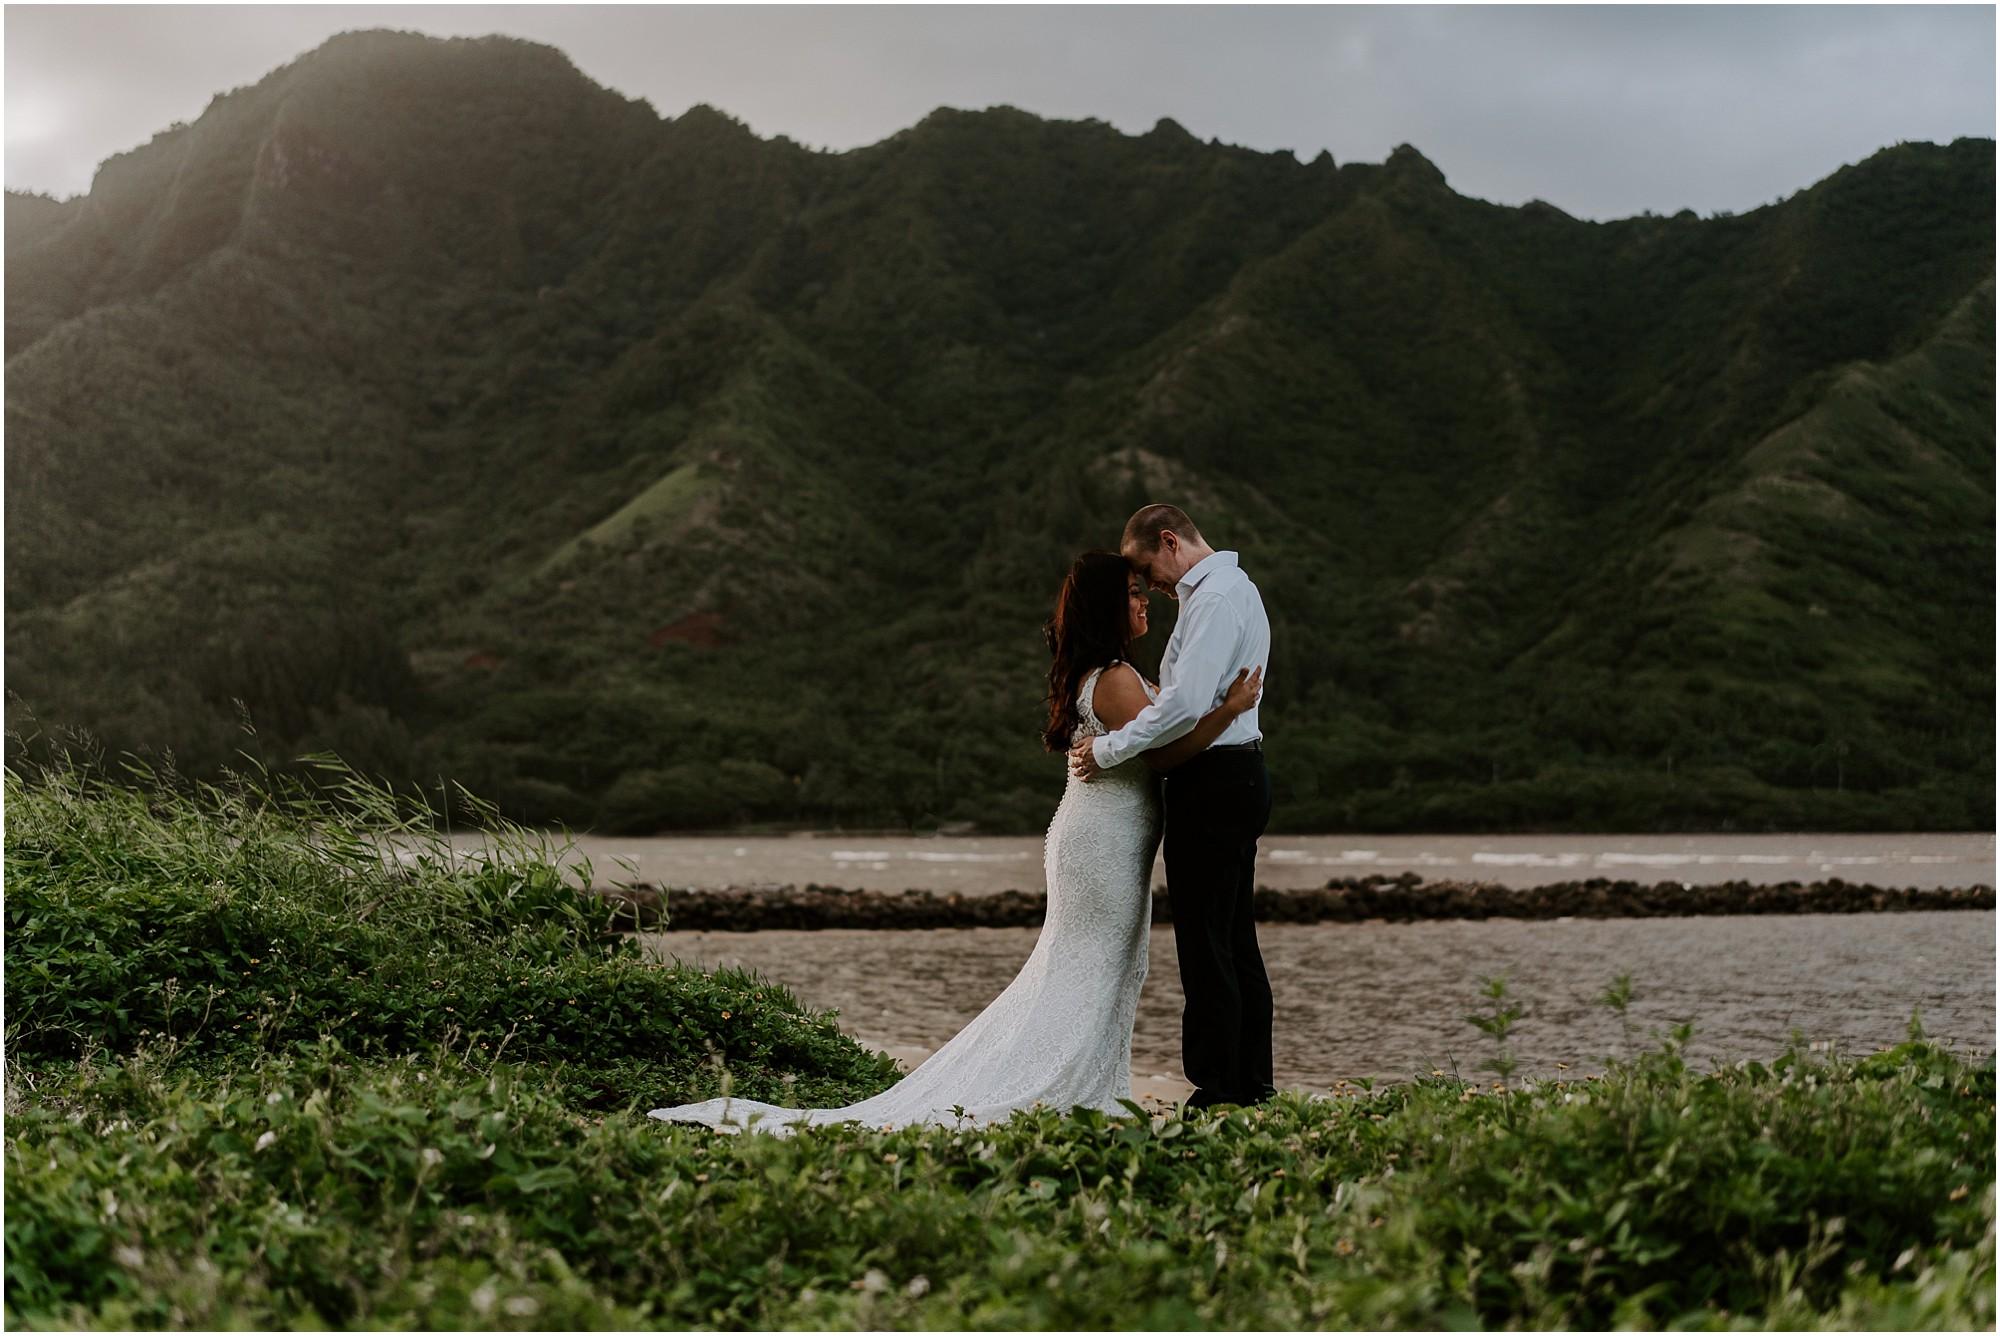 oahu-intimate-bridal-adventure-session_0014.jpg